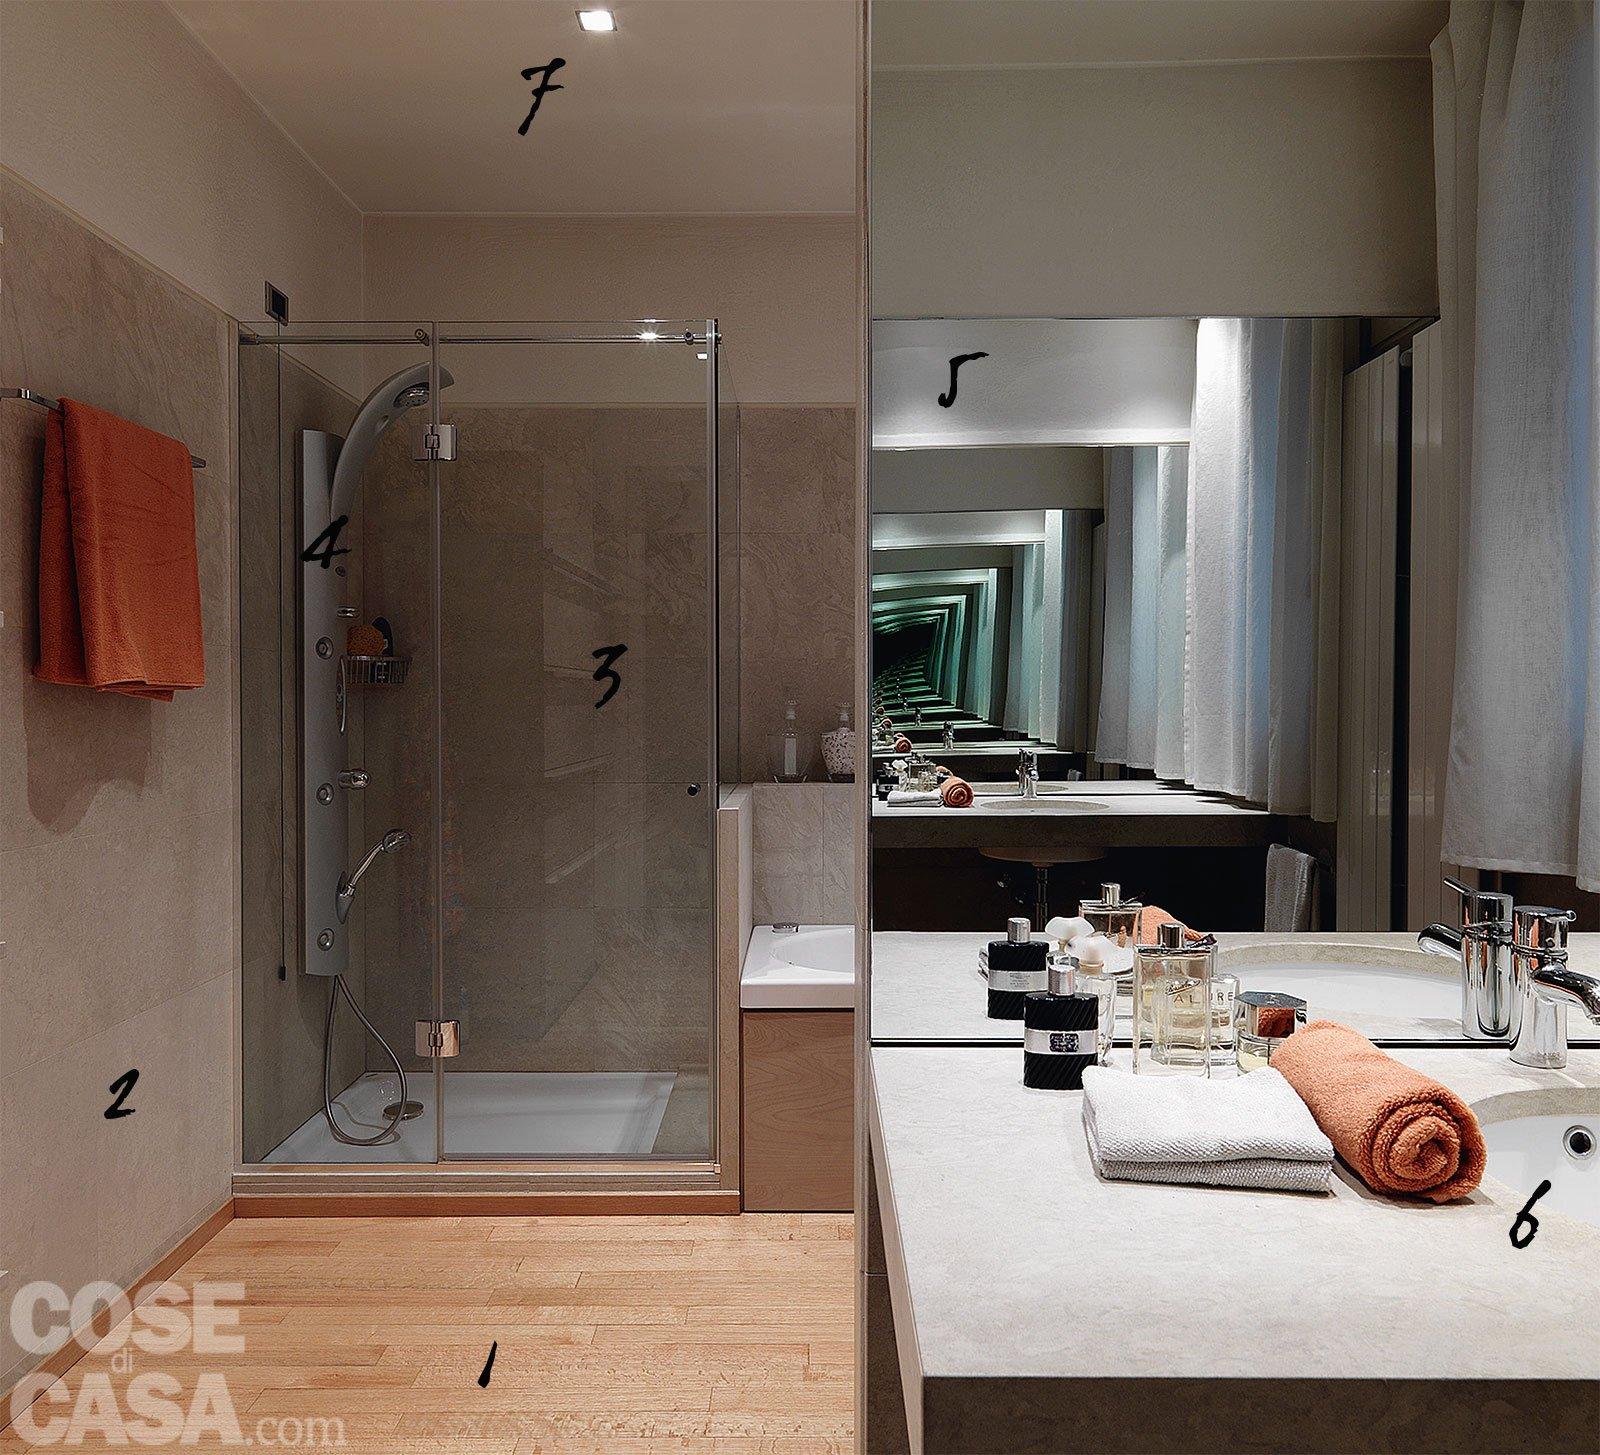 Bagno in stile minimal. Idee da copiare - Cose di Casa